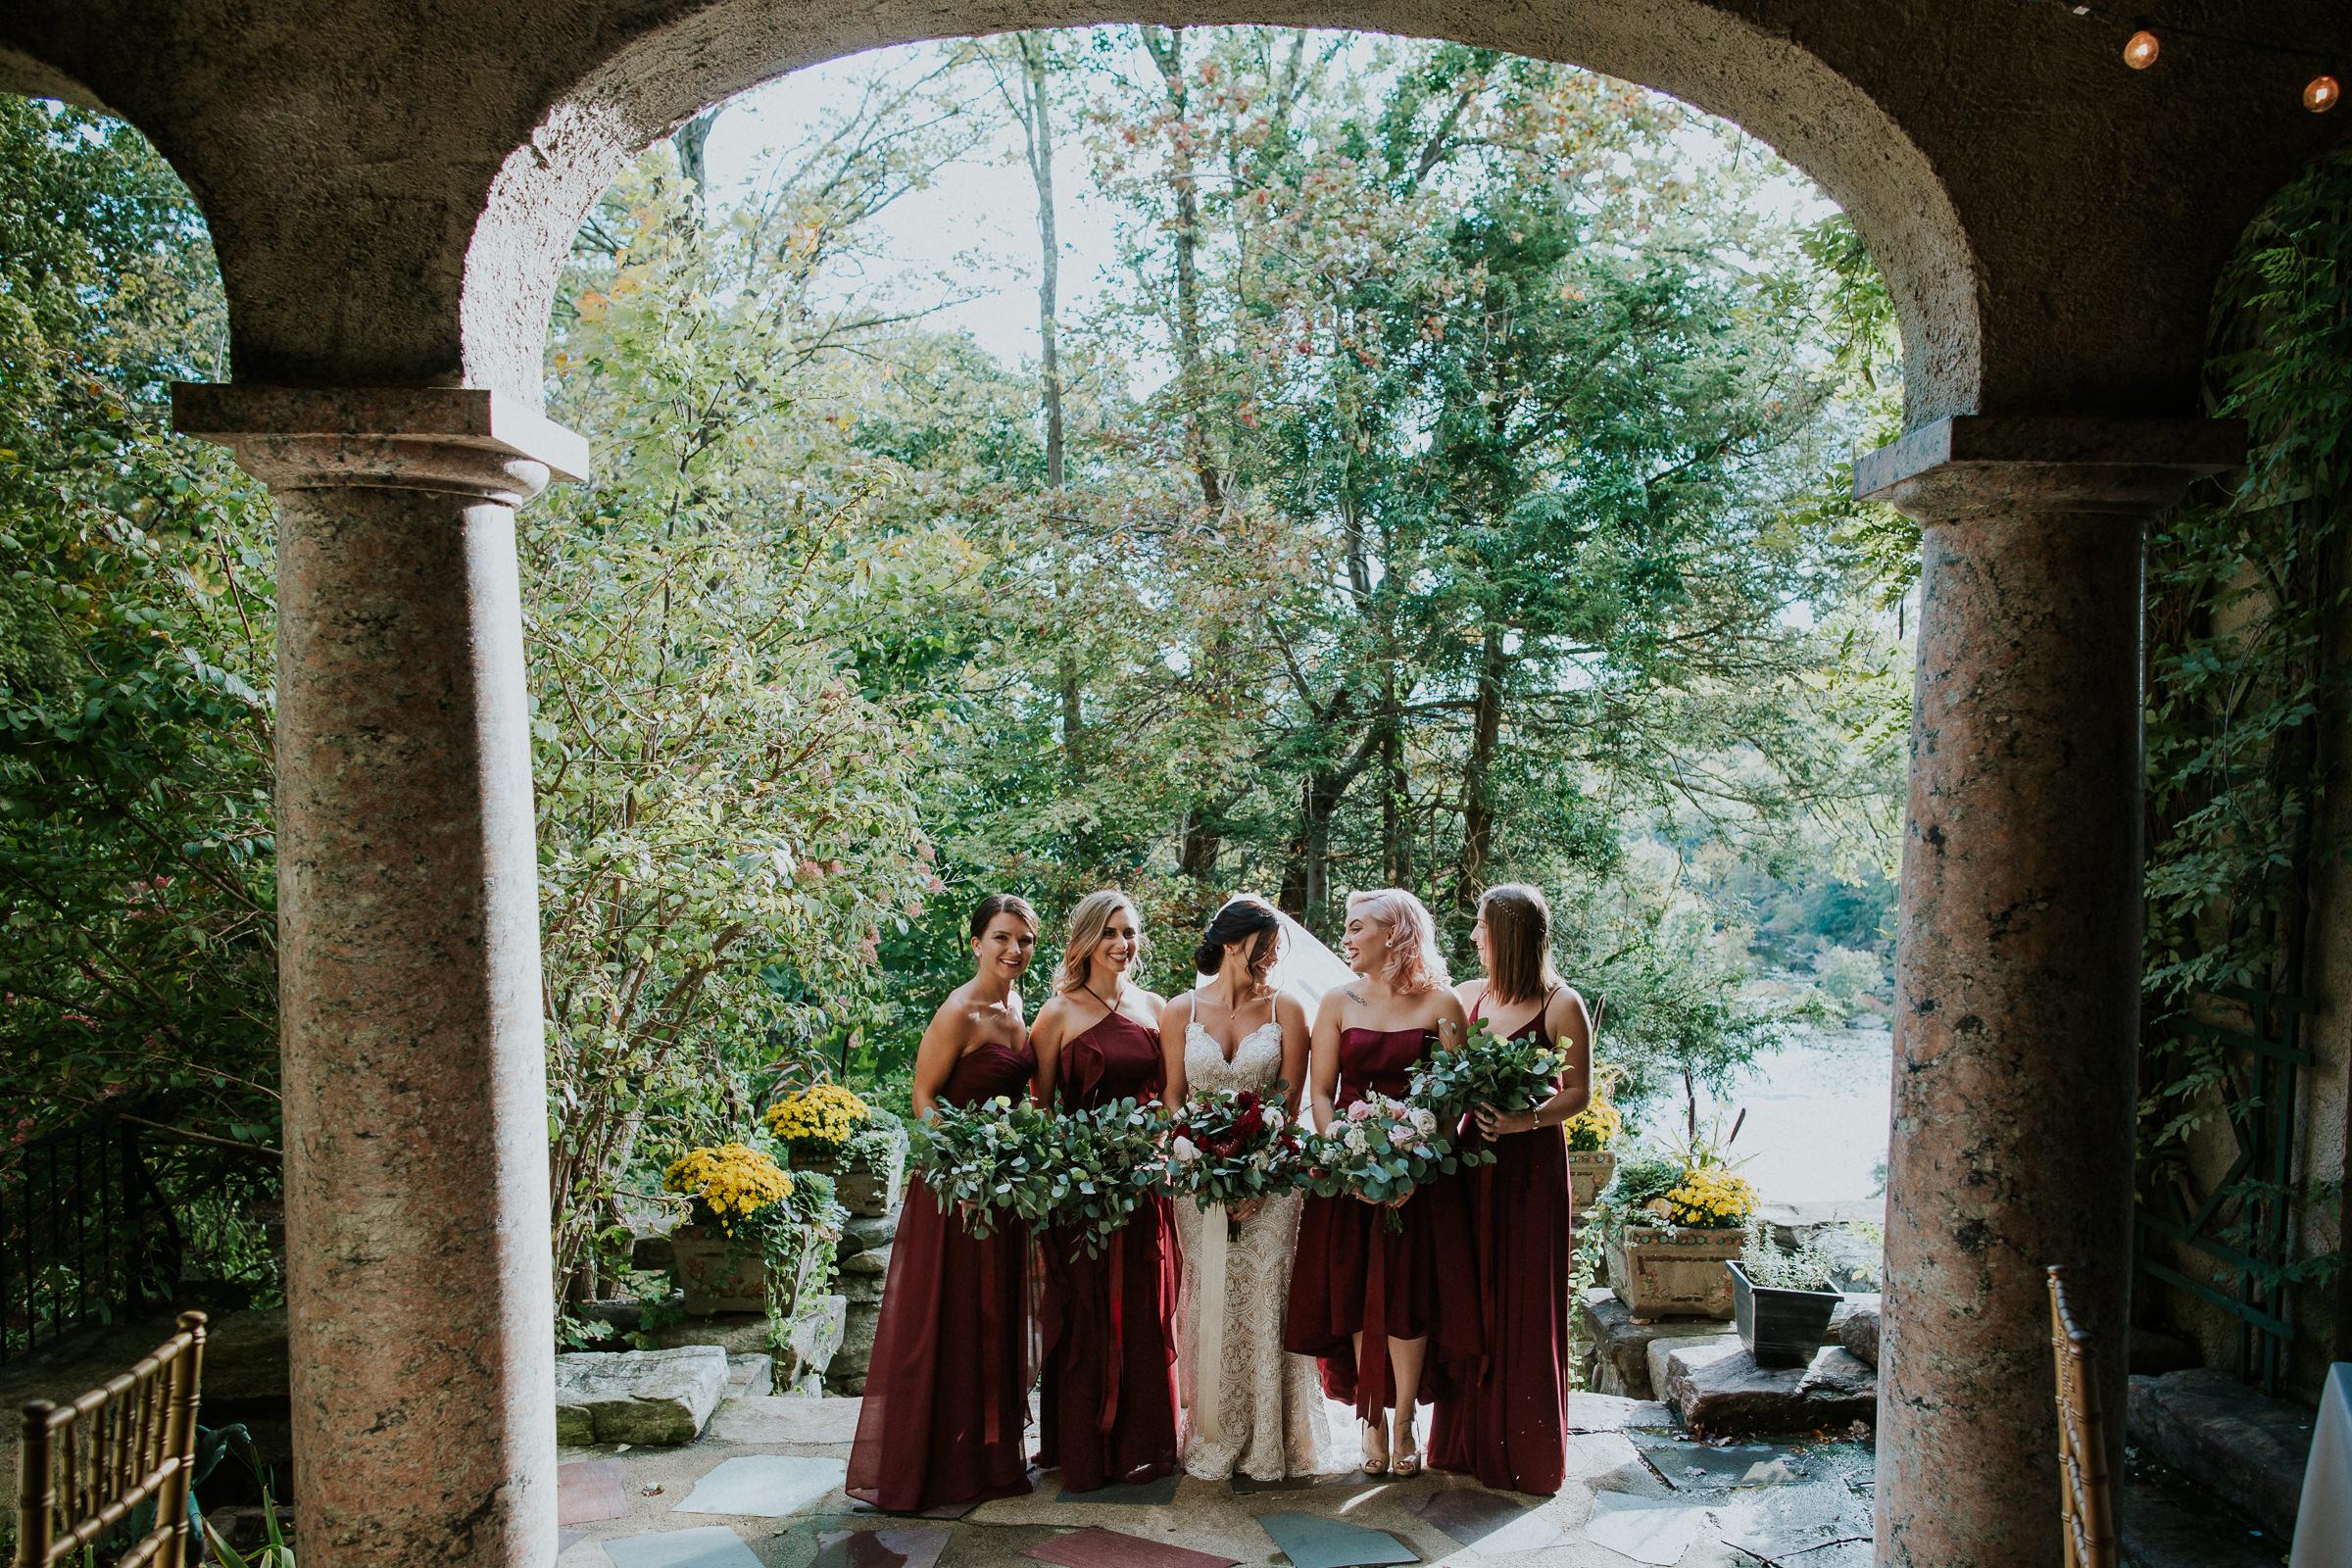 Arrow-Park-Monroe-NY-Documentary-Wedding-Photographer-33.jpg